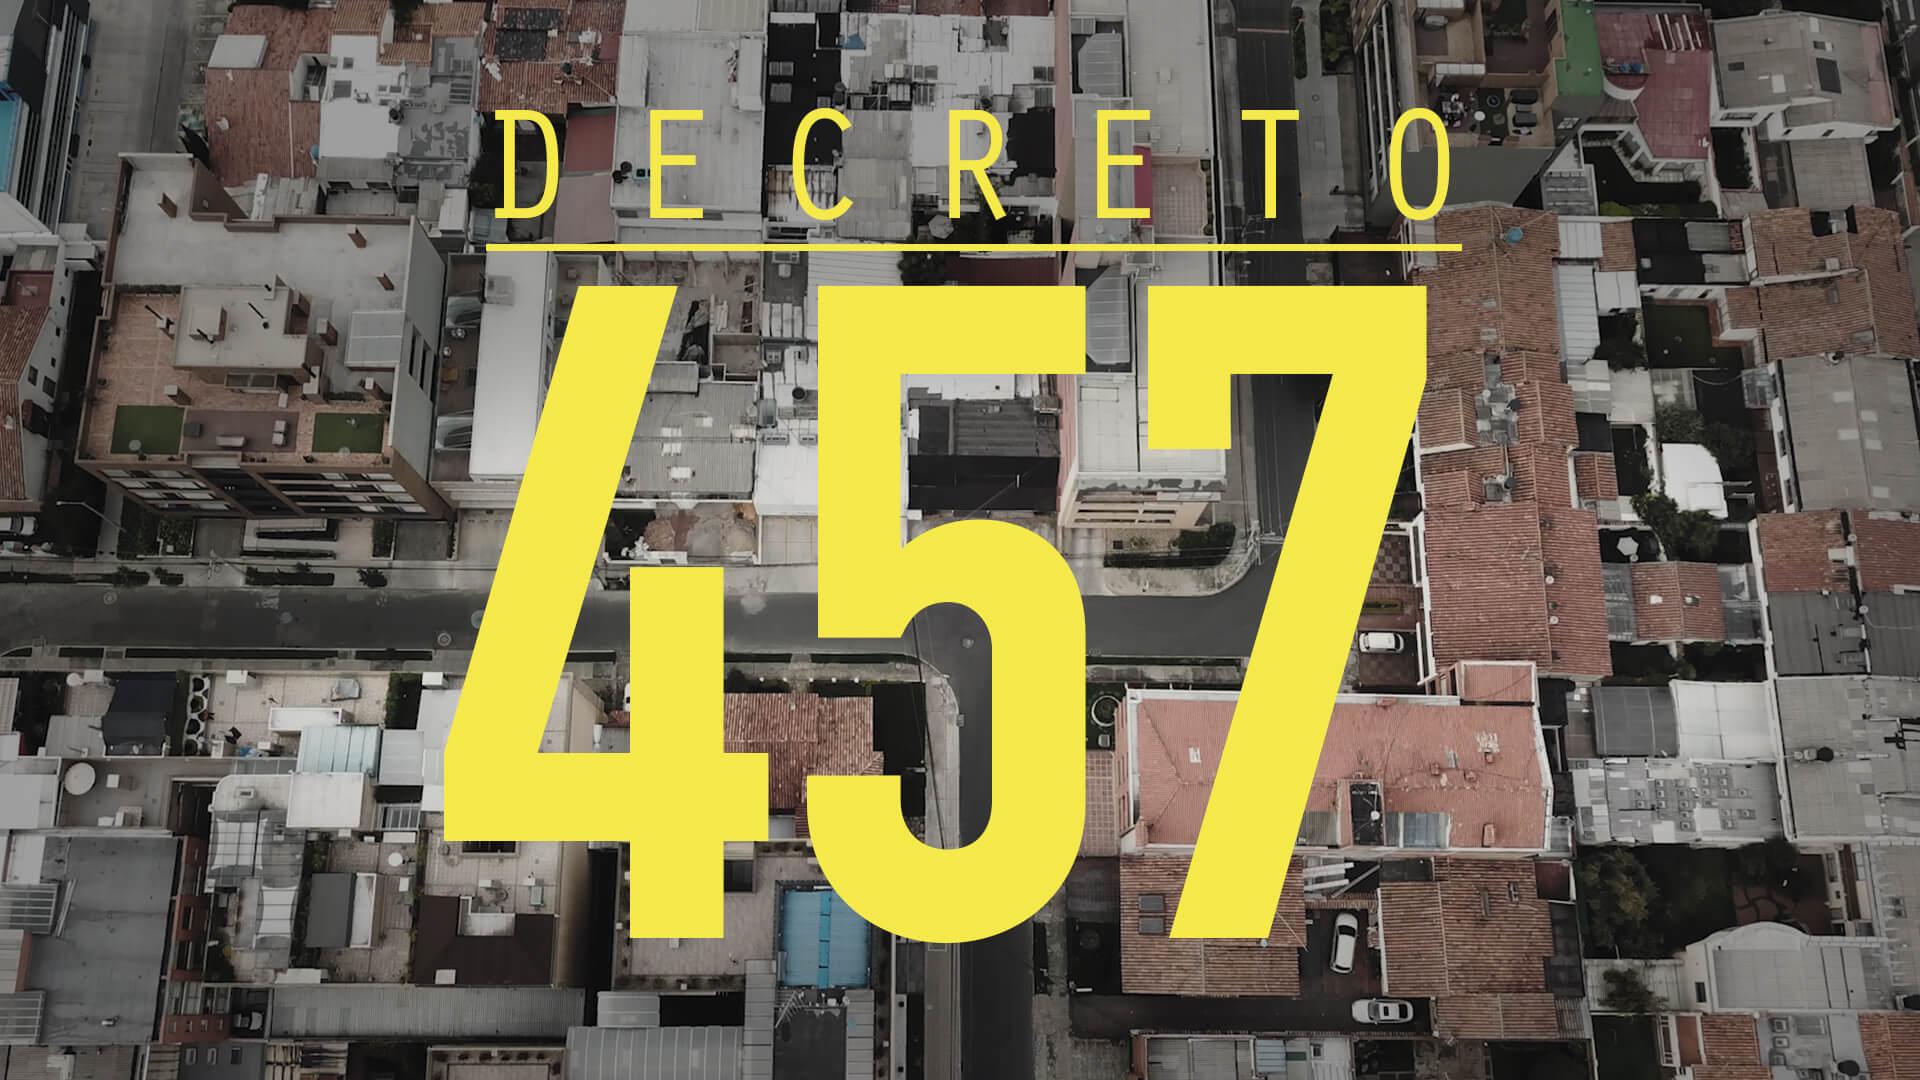 Decreto 457 (ahora 531)